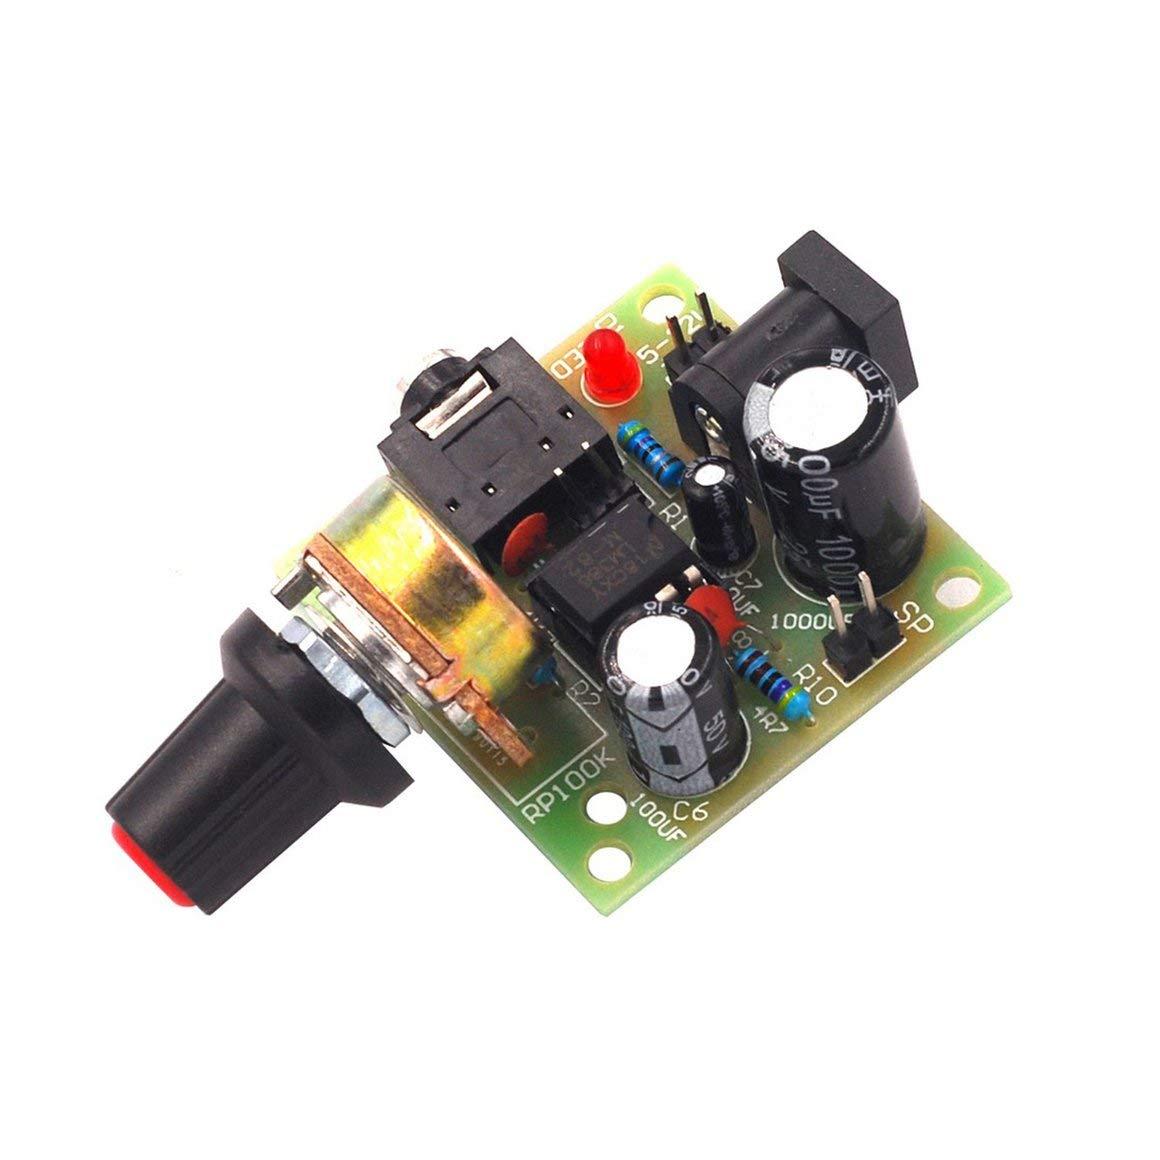 Funnyrunstore LM386 Super Mini 3V-12V Kit scheda amplificatore di potenza Kit elettronico fai-da-te Kit amplificazione audio Basso consumo